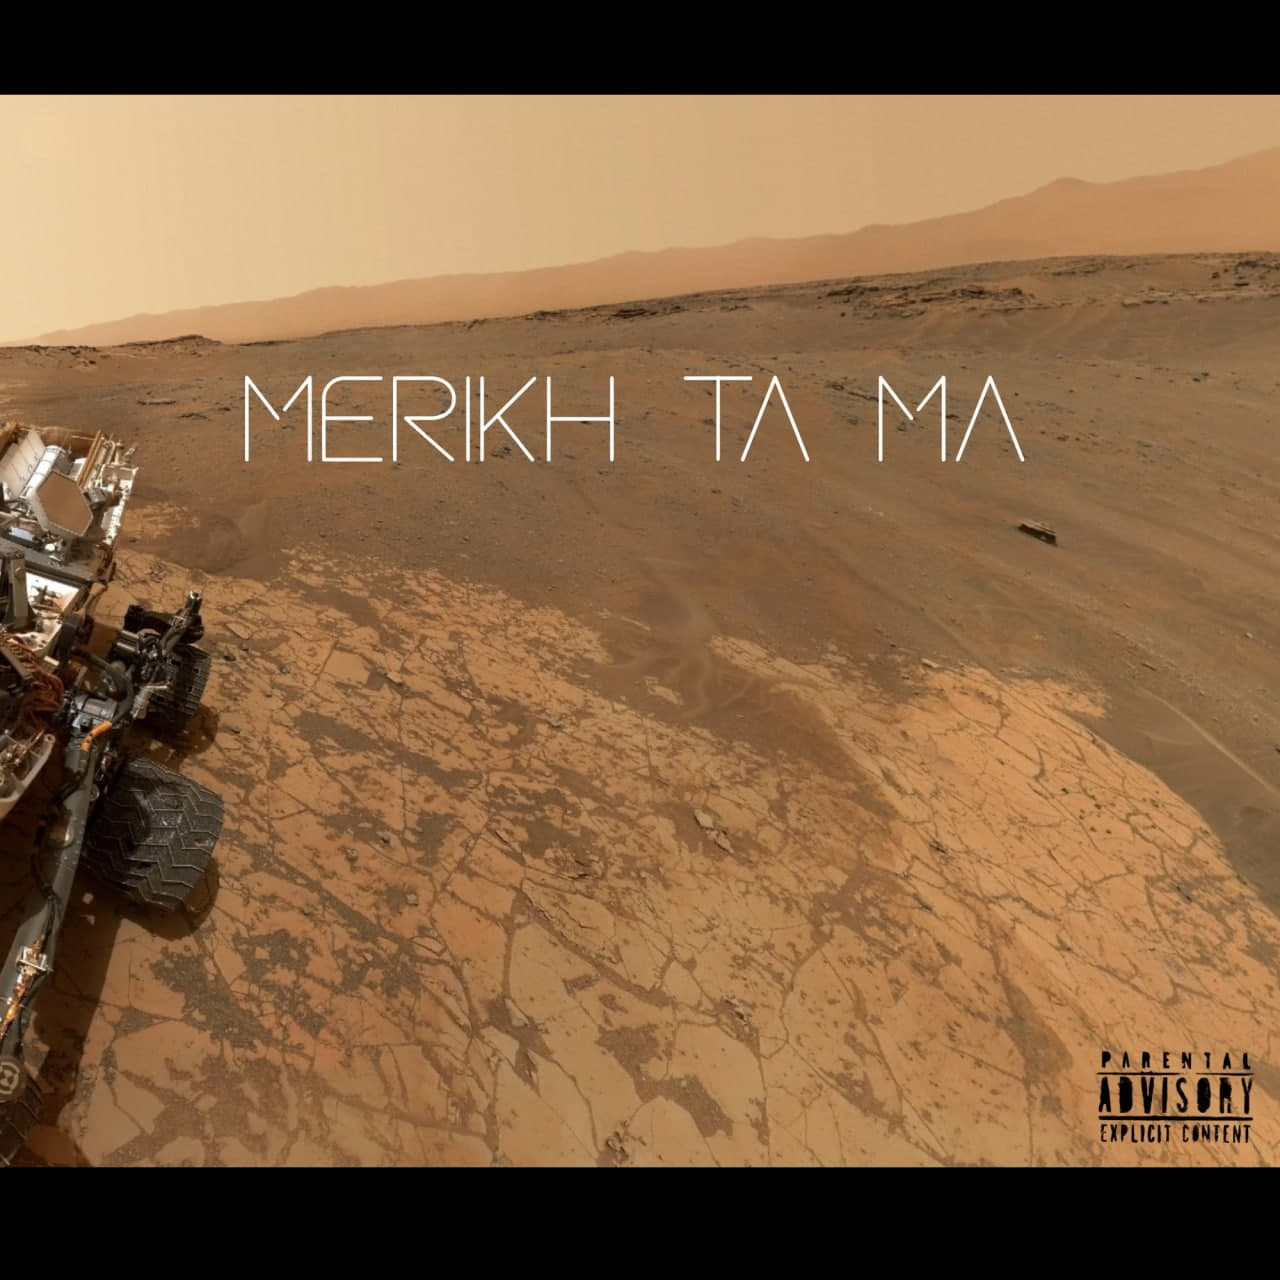 اِی و لامسه و یانگ مو    مریخ تا ما